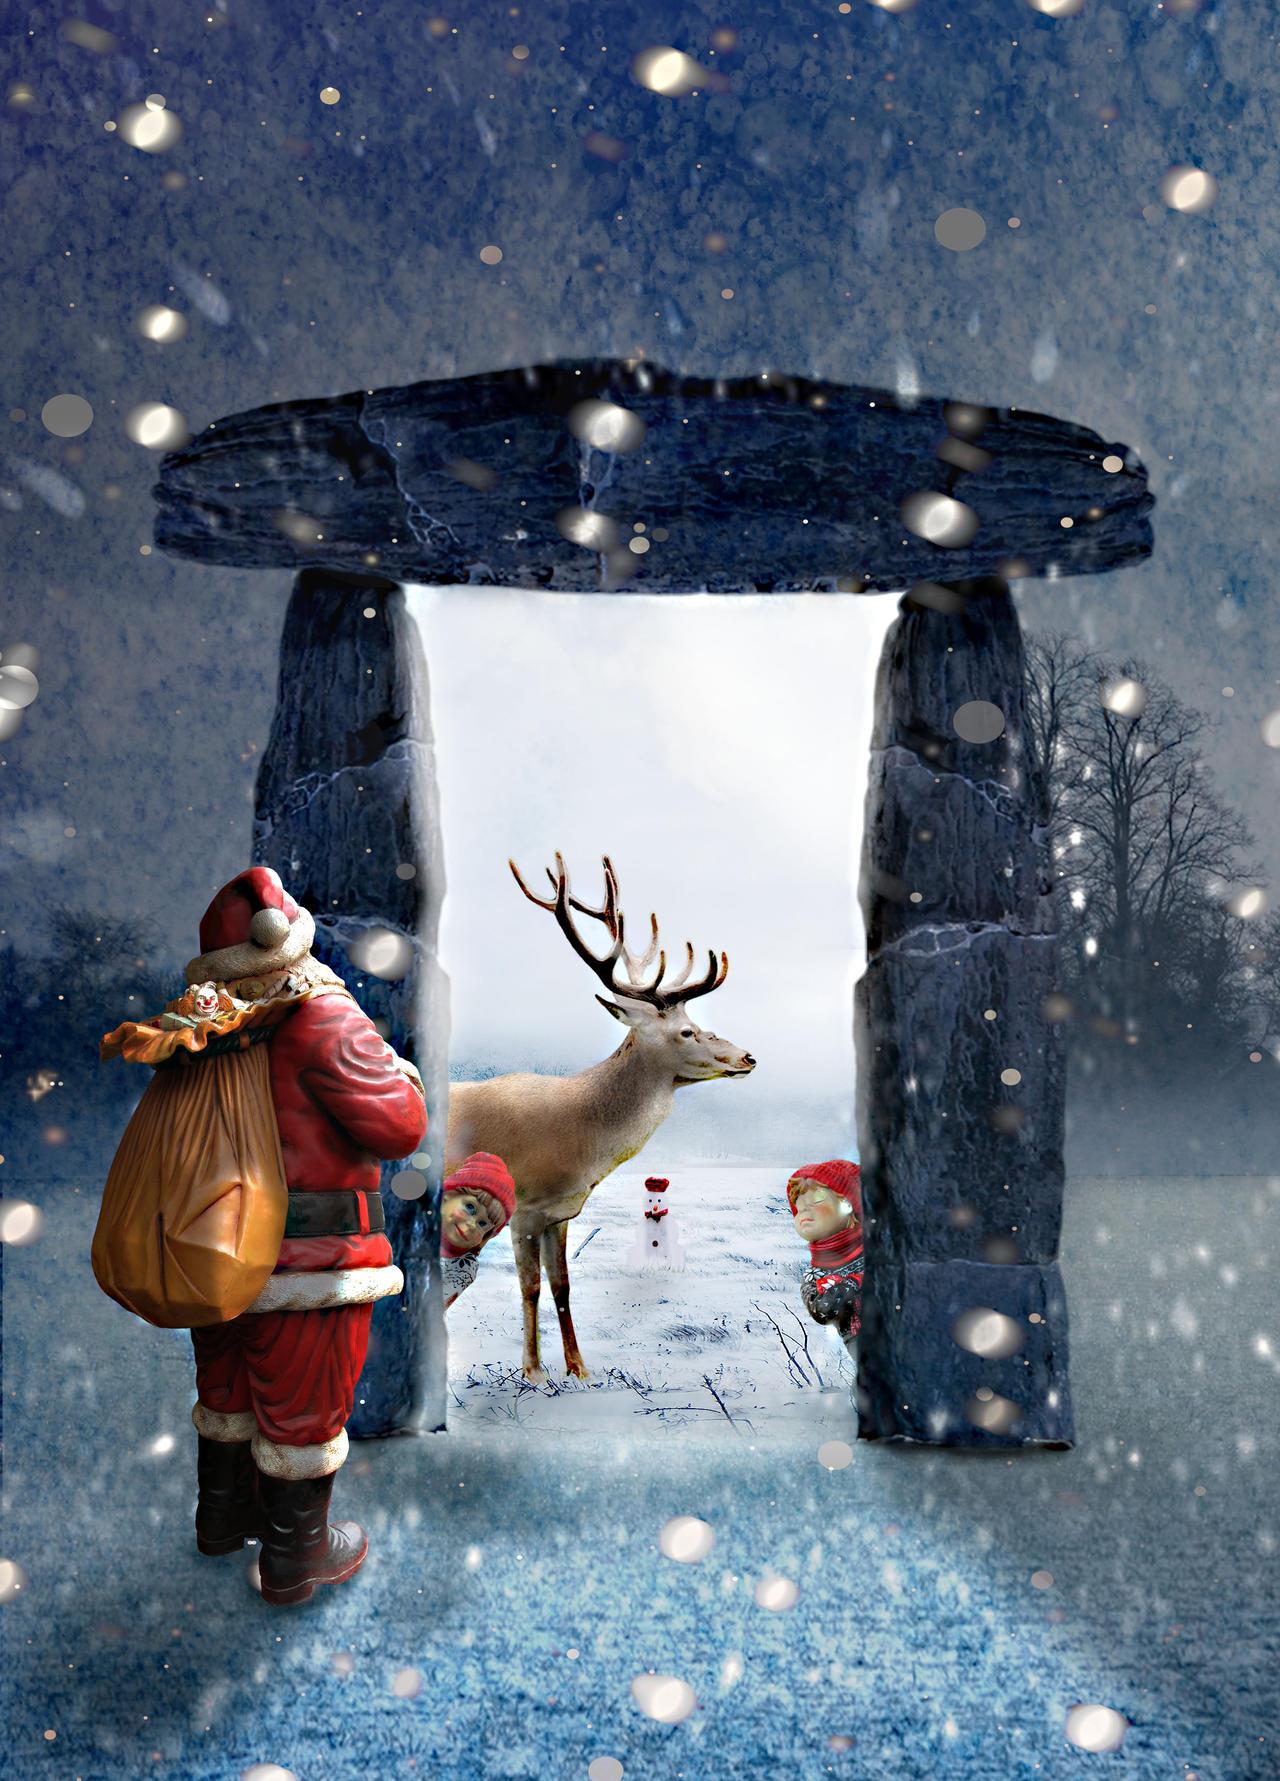 Entrez Dans La Lumière Père Noel by jackodeco